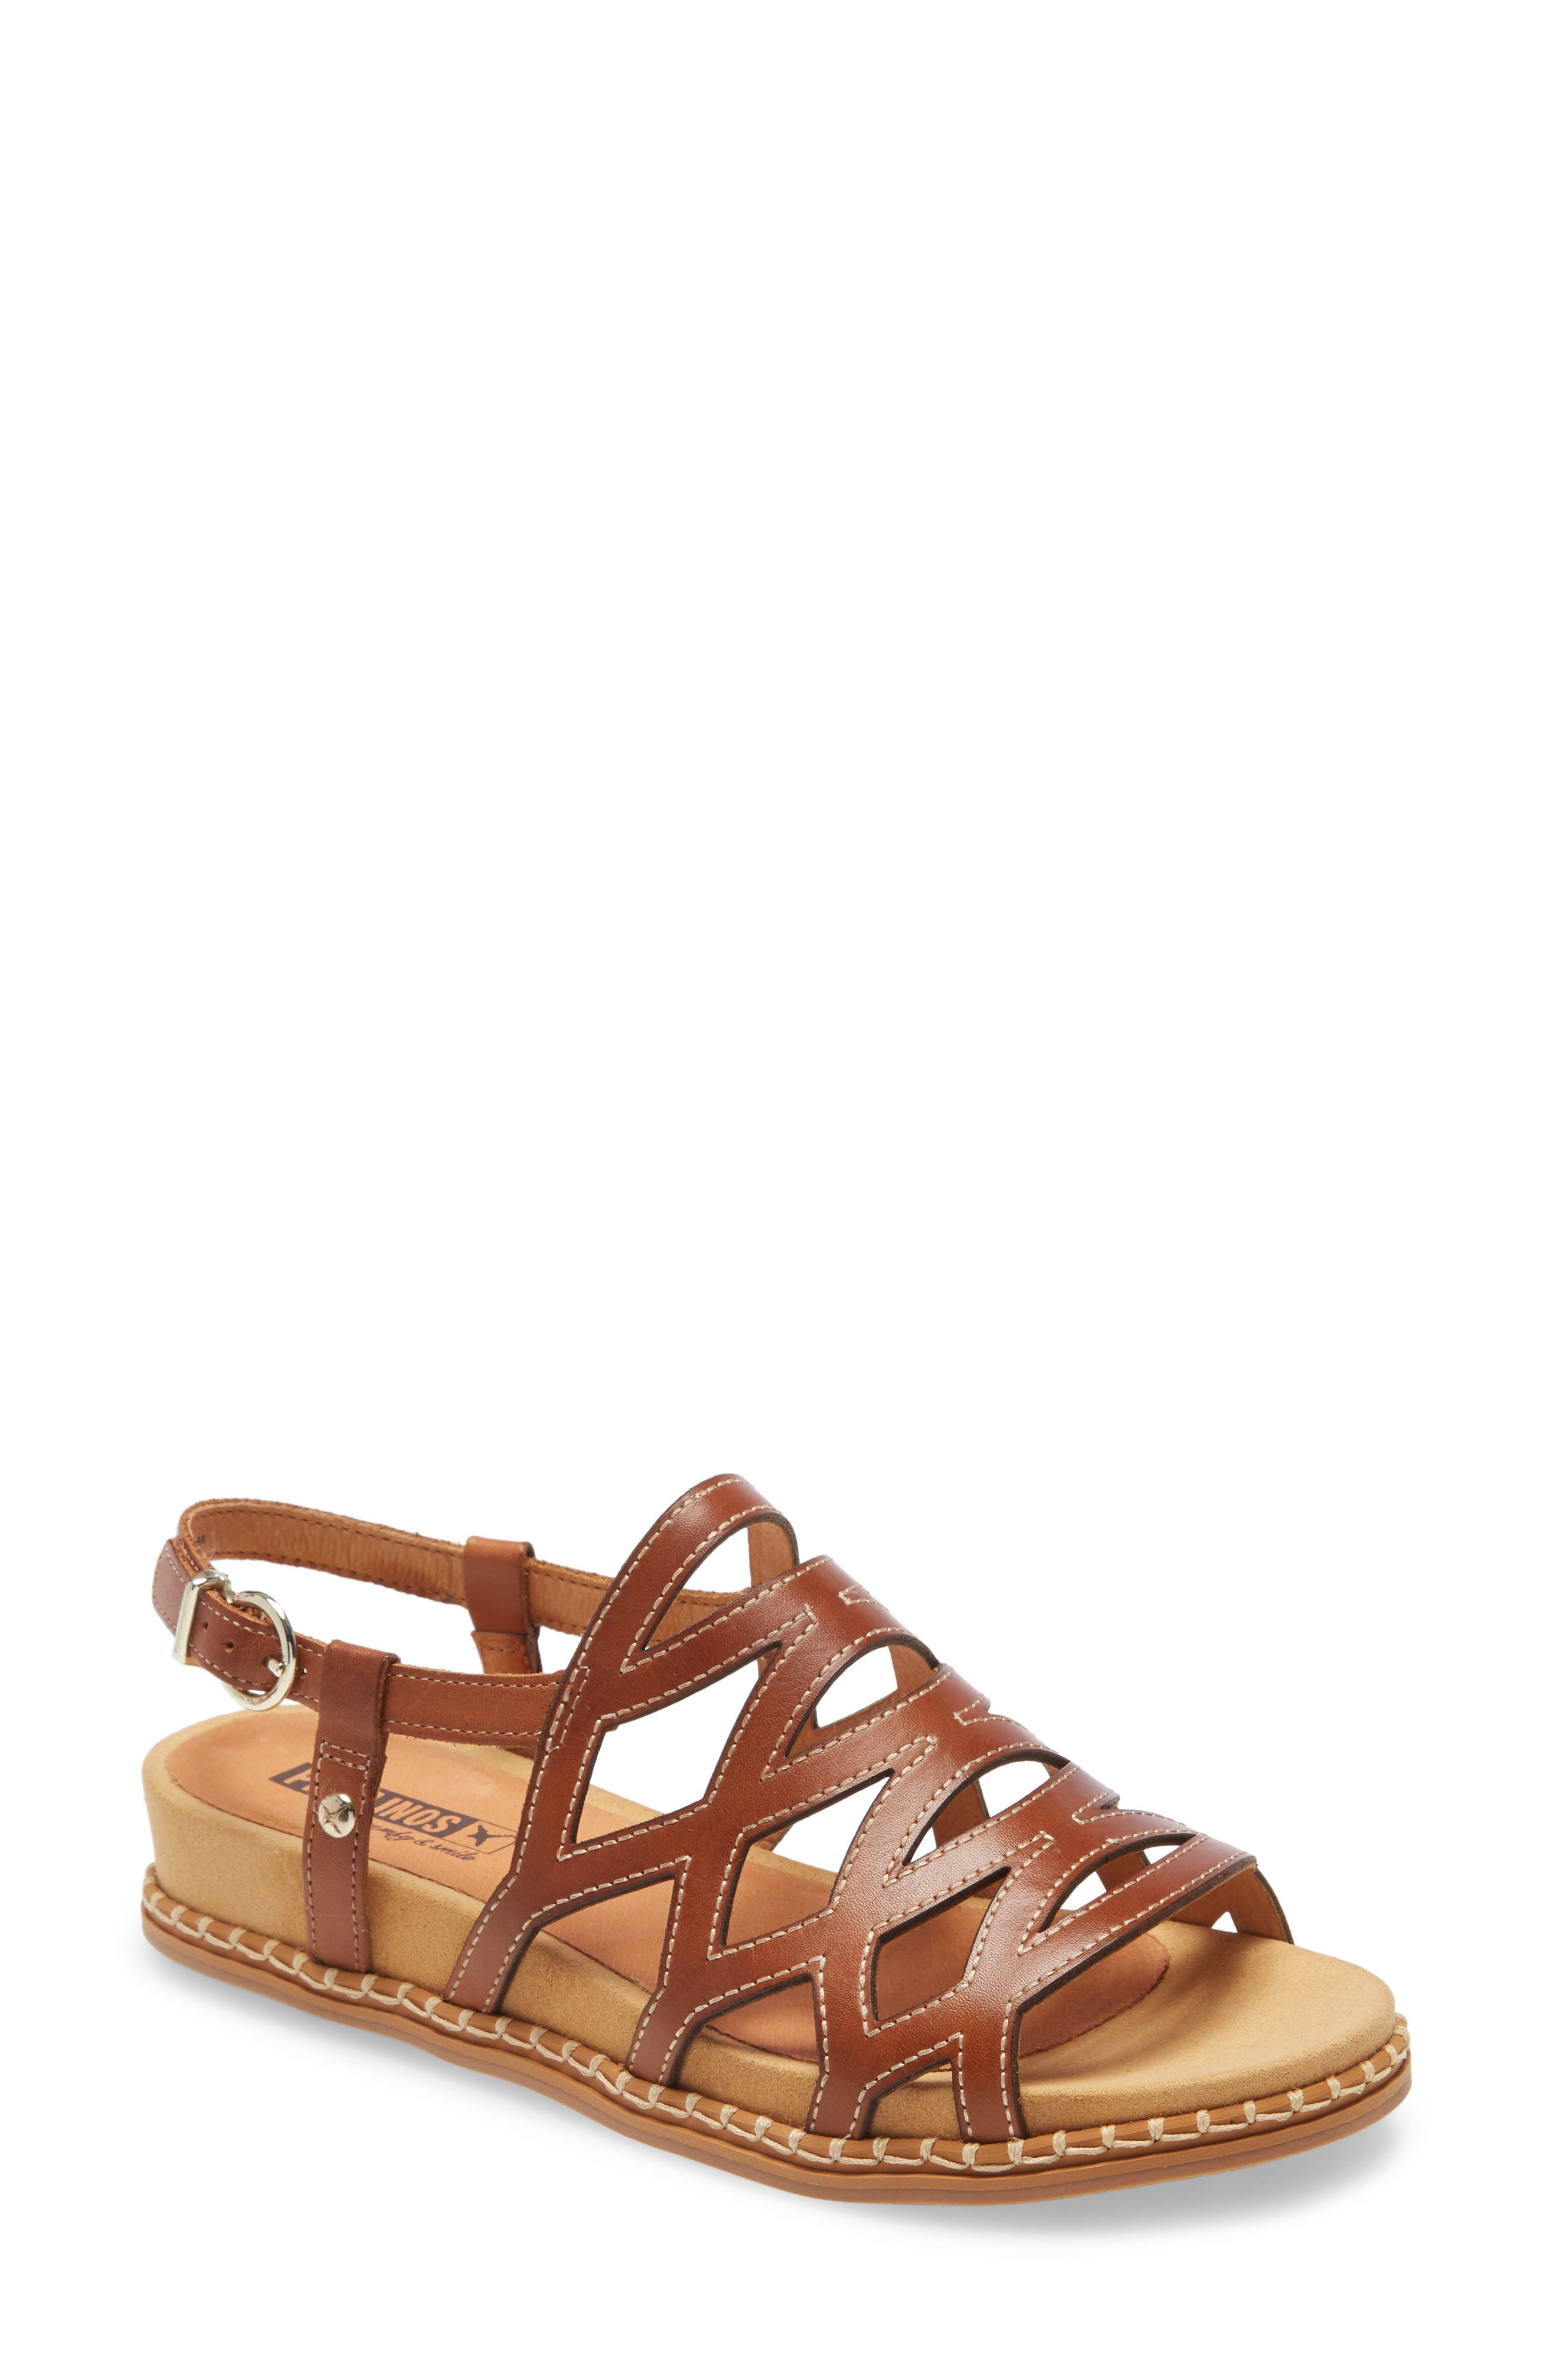 PIKOLINOS Shoes Sale \u0026 Clearance